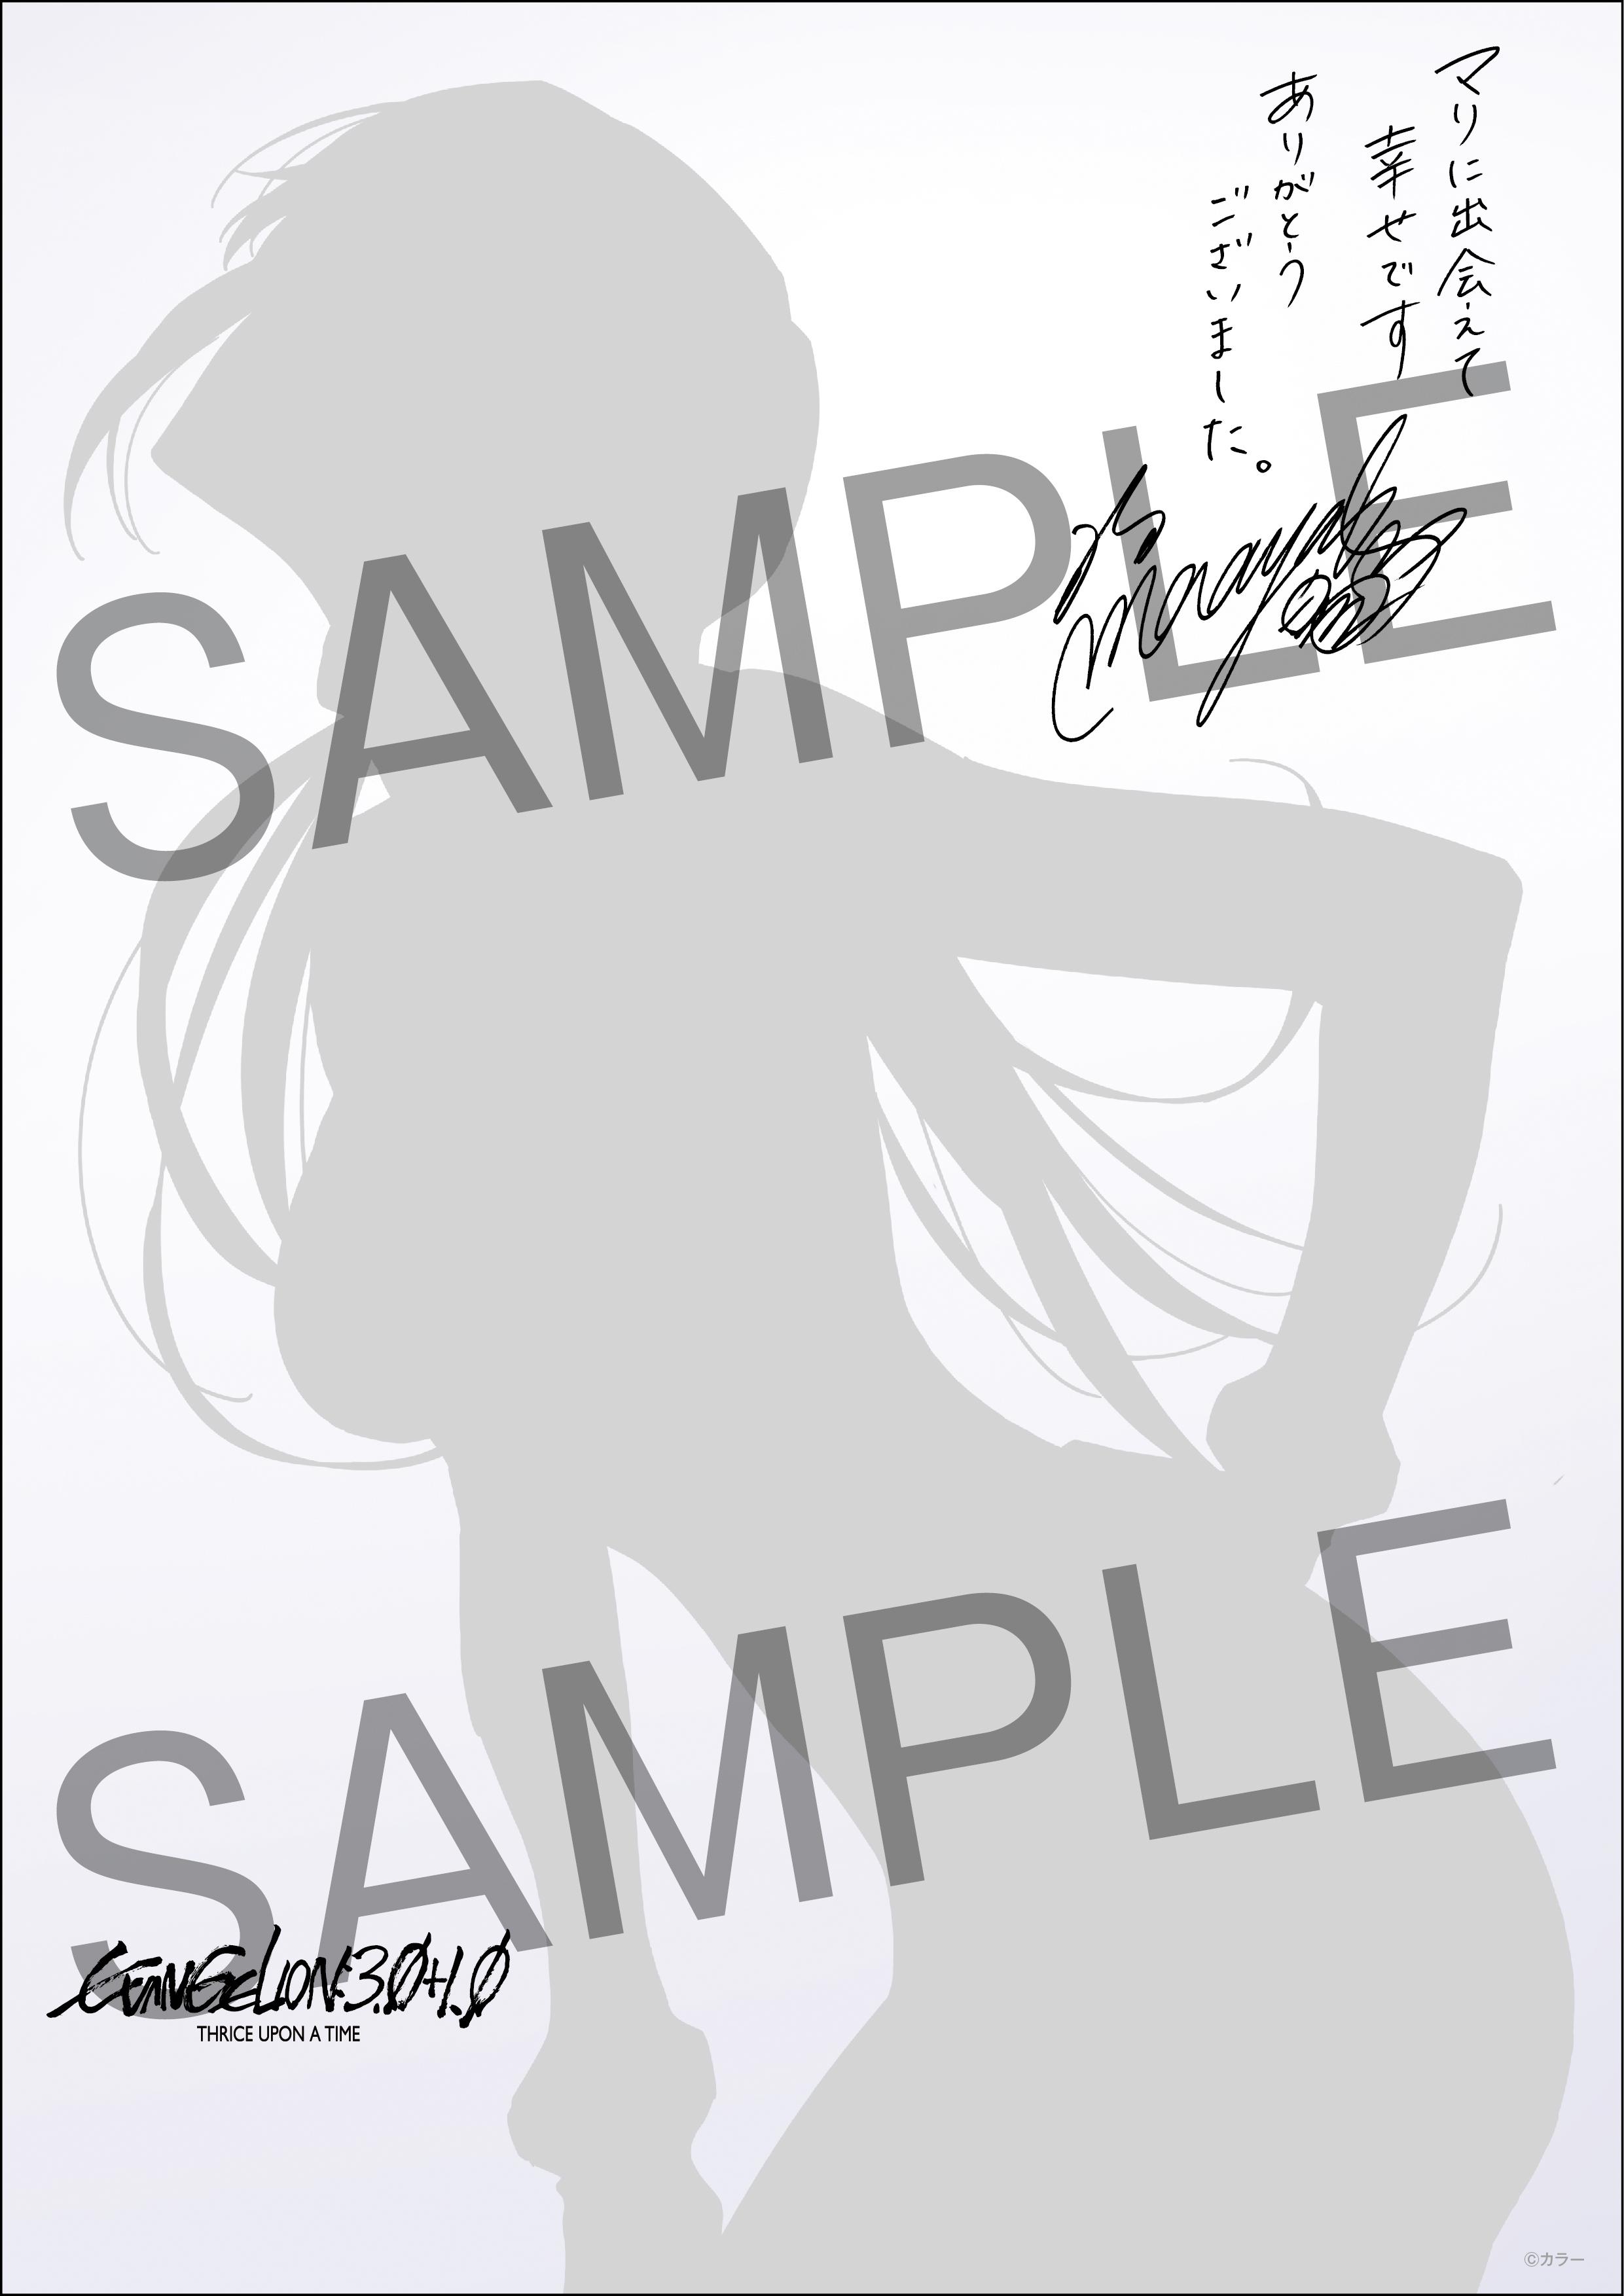 キャストサイン入りミニポスター「真希波・マリ・イラス トリアス」バージョン <サンプル画像>  (C)カラー